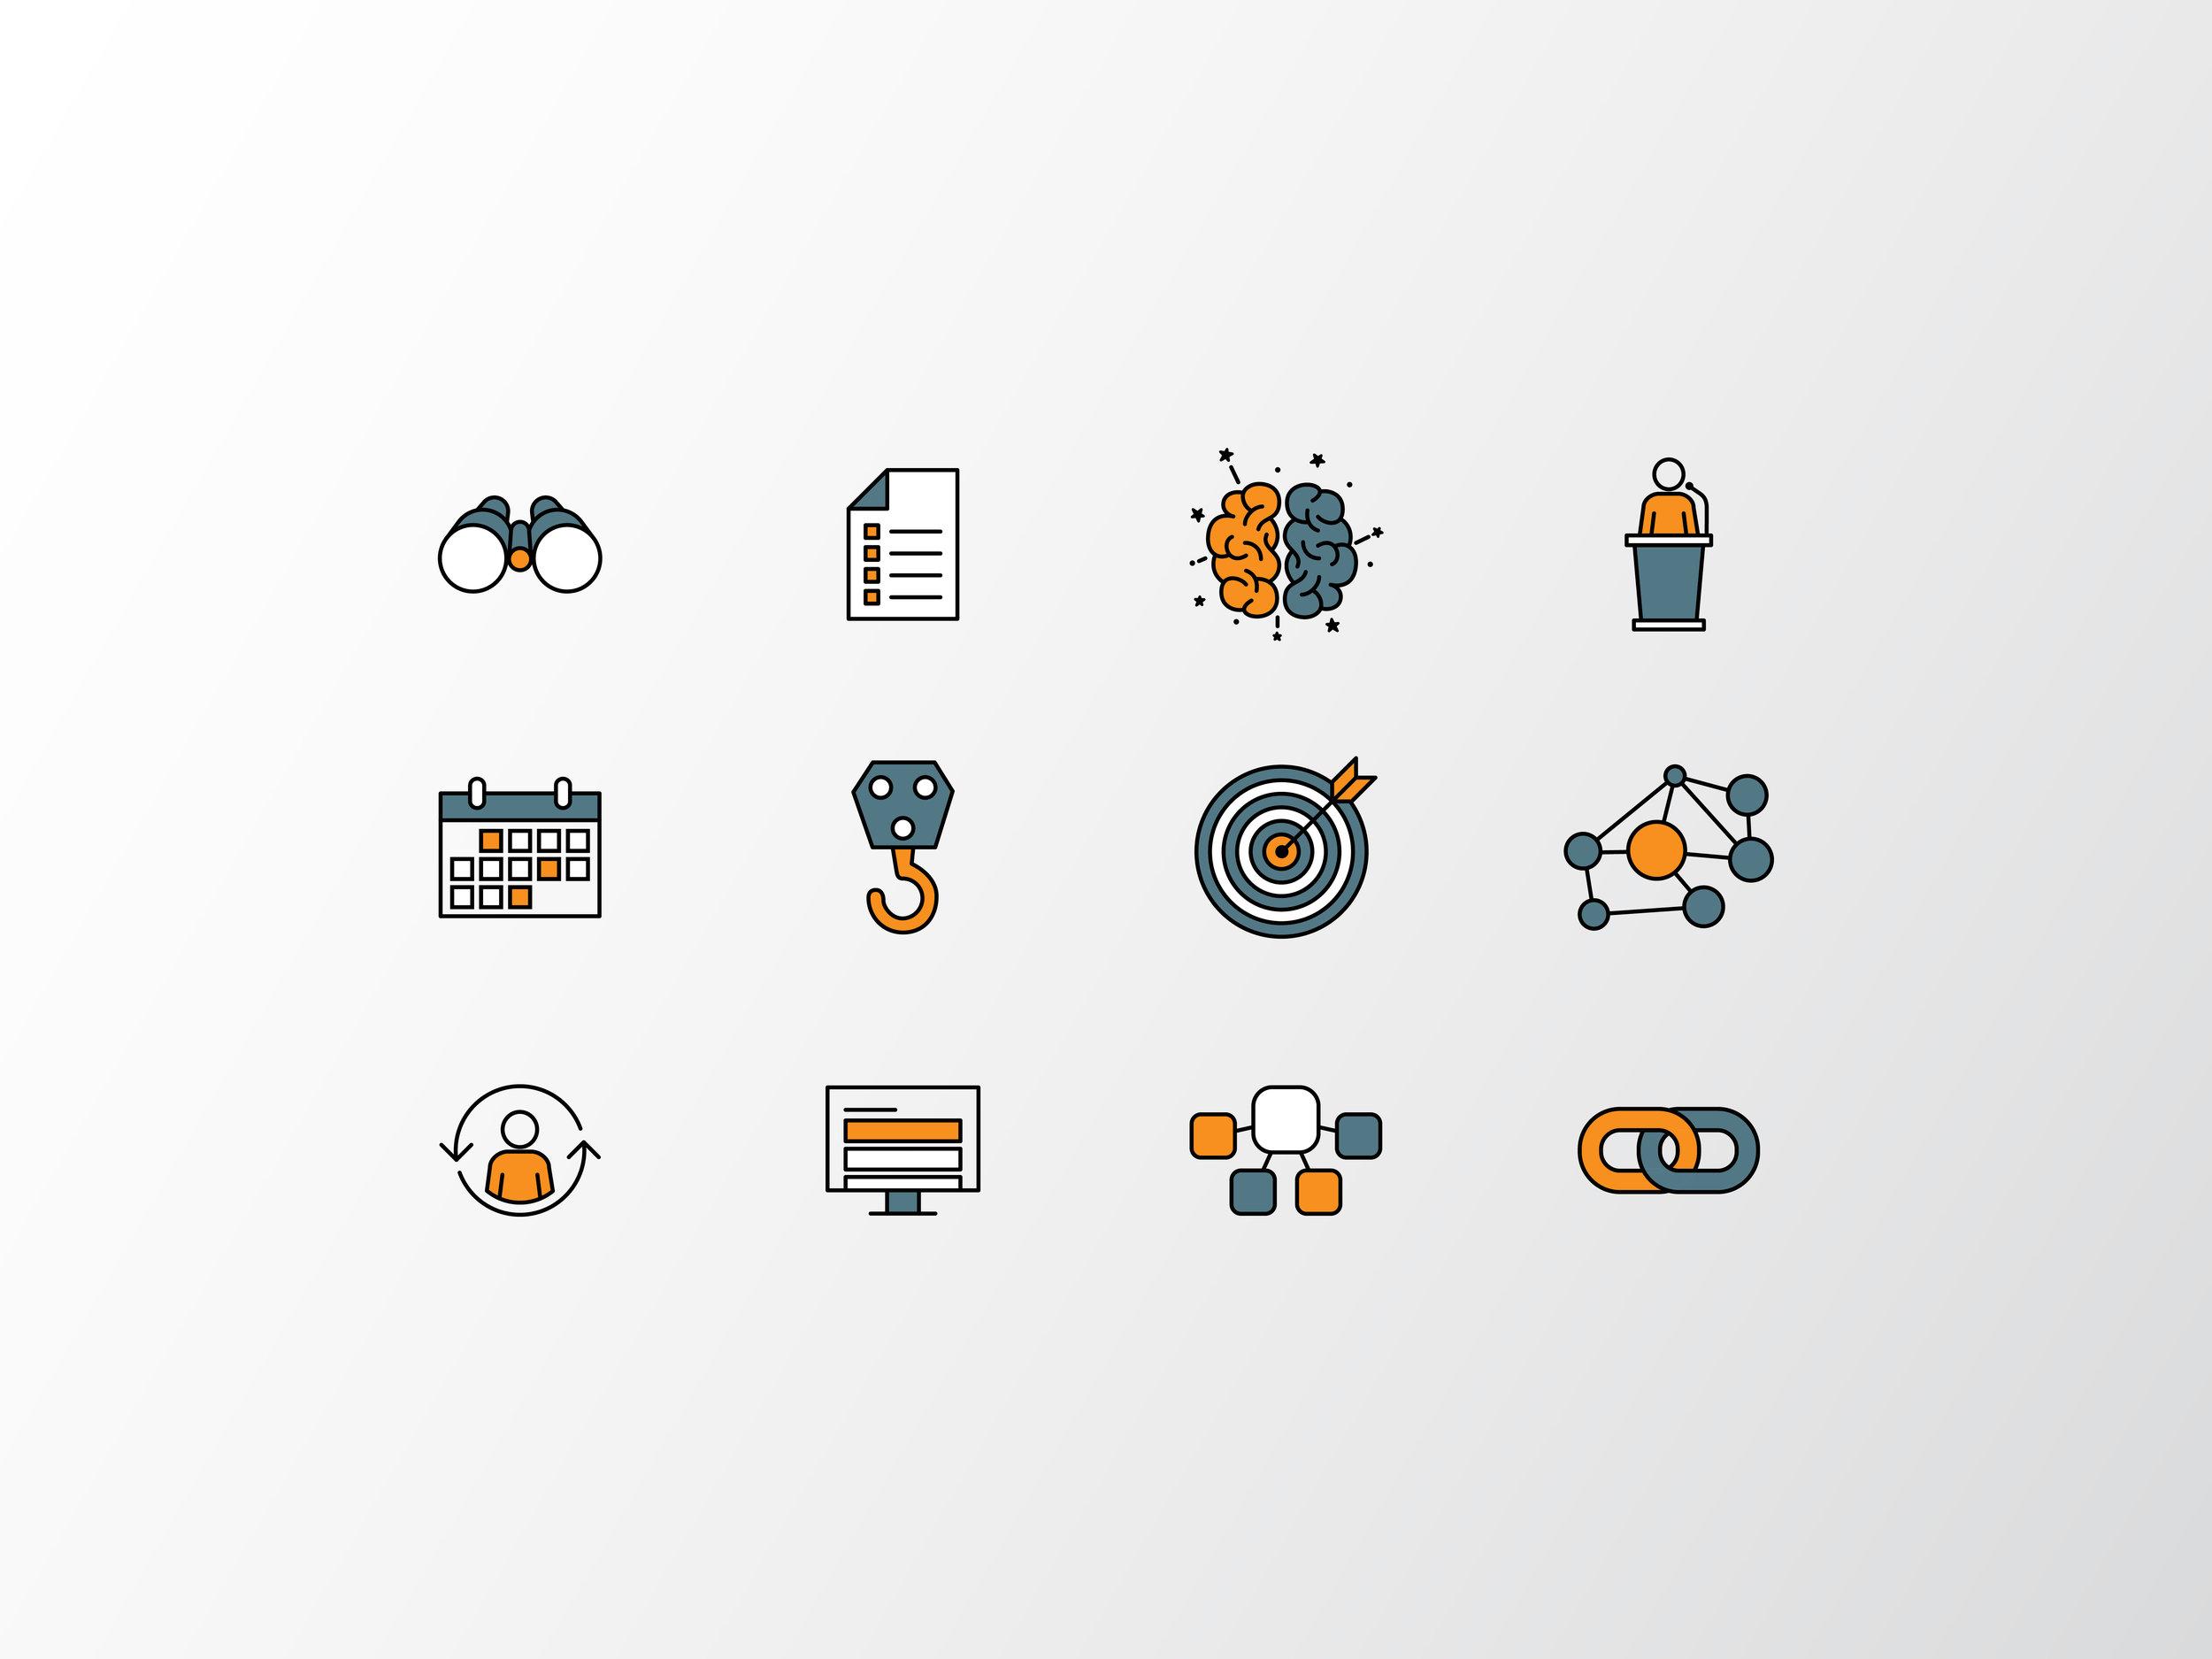 ideasurge-icons-01.jpg